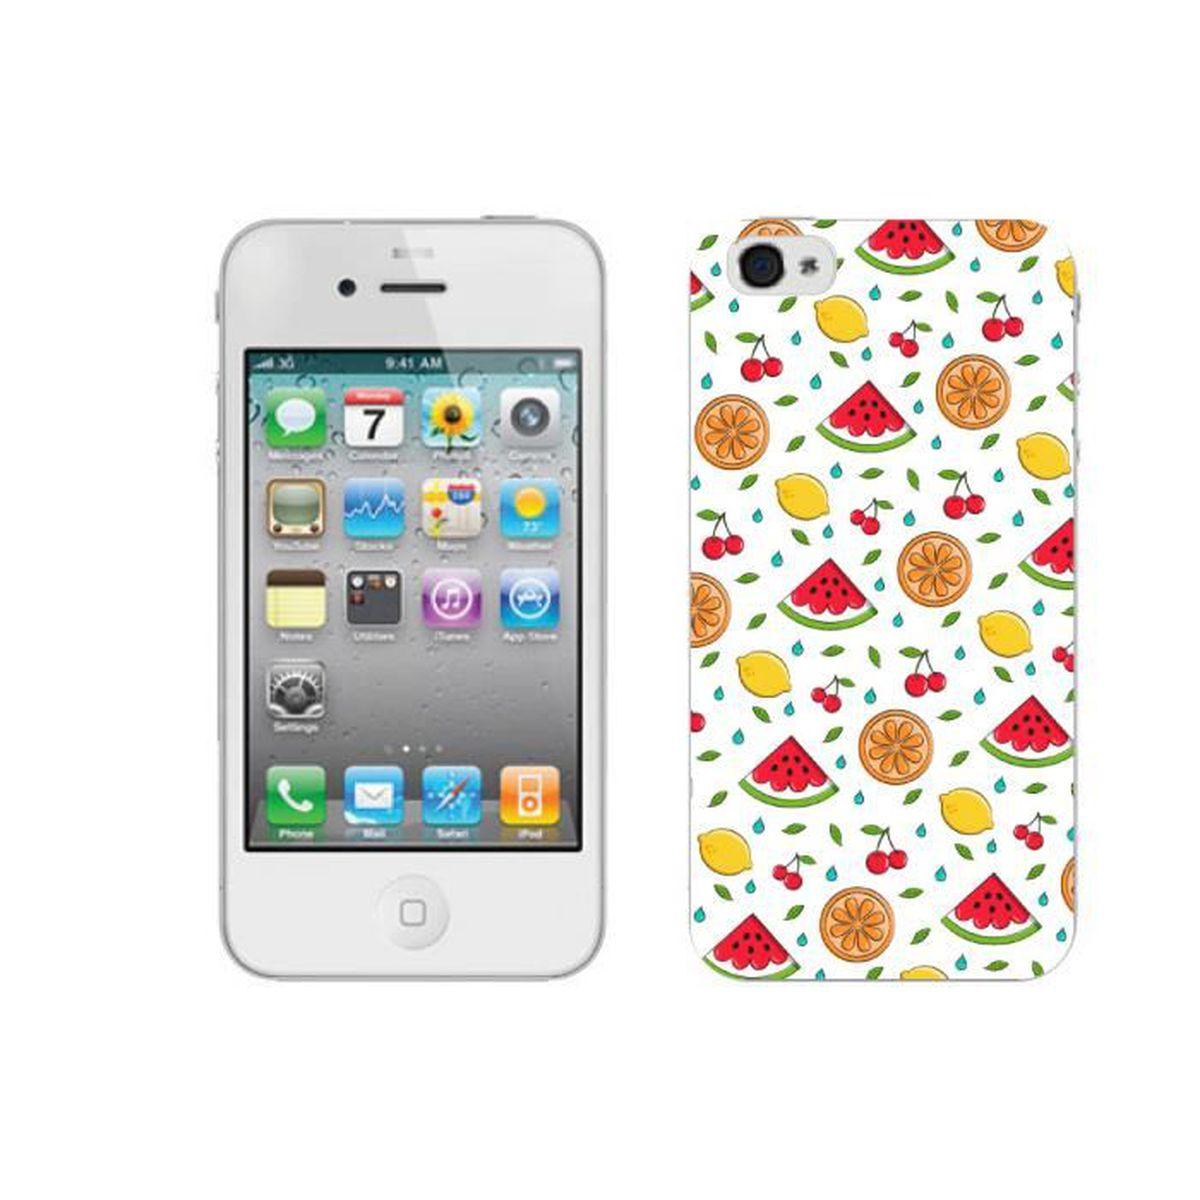 coque iphone 4 pasteque